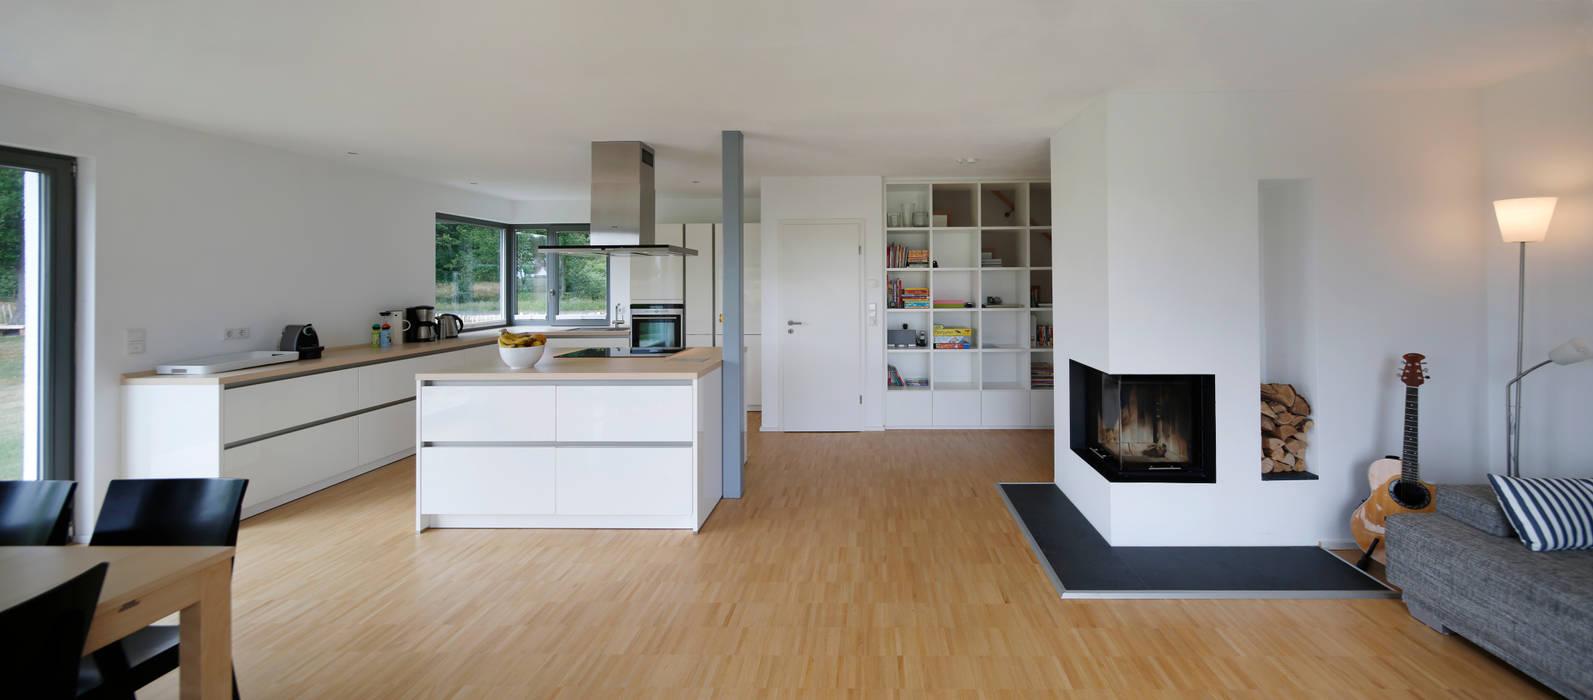 Einfamilienhaus d wasb ttel bei gifhorn moderne wohnzimmer von gondesen architekt homify - Architekt gifhorn ...